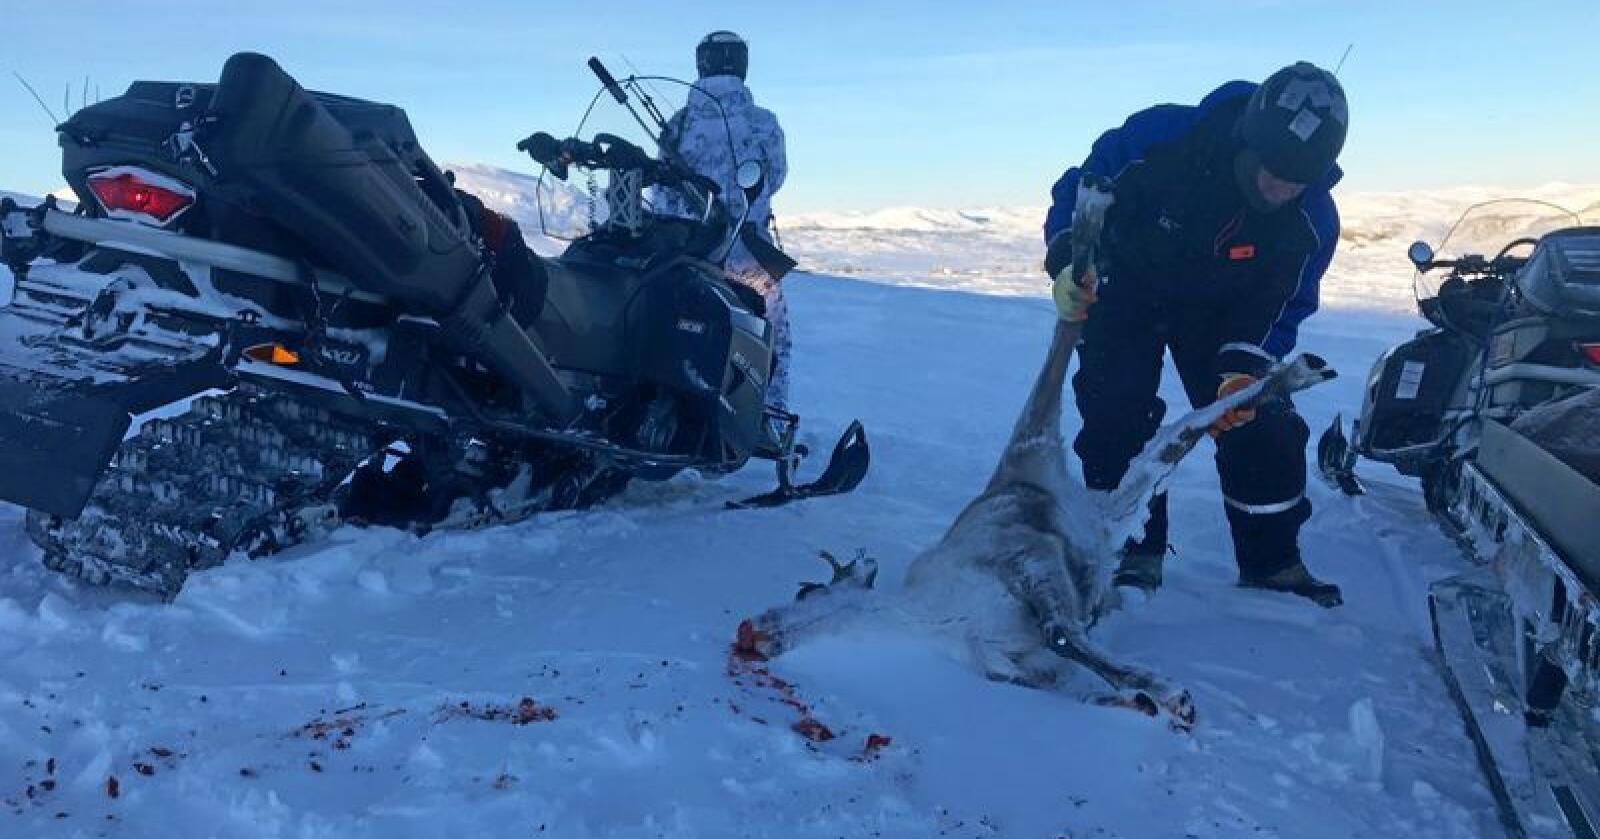 Avsluttet: Jakten på villrein i Nordfjella. Foto: Sondre Dalaker / NRK / NTB scanpix